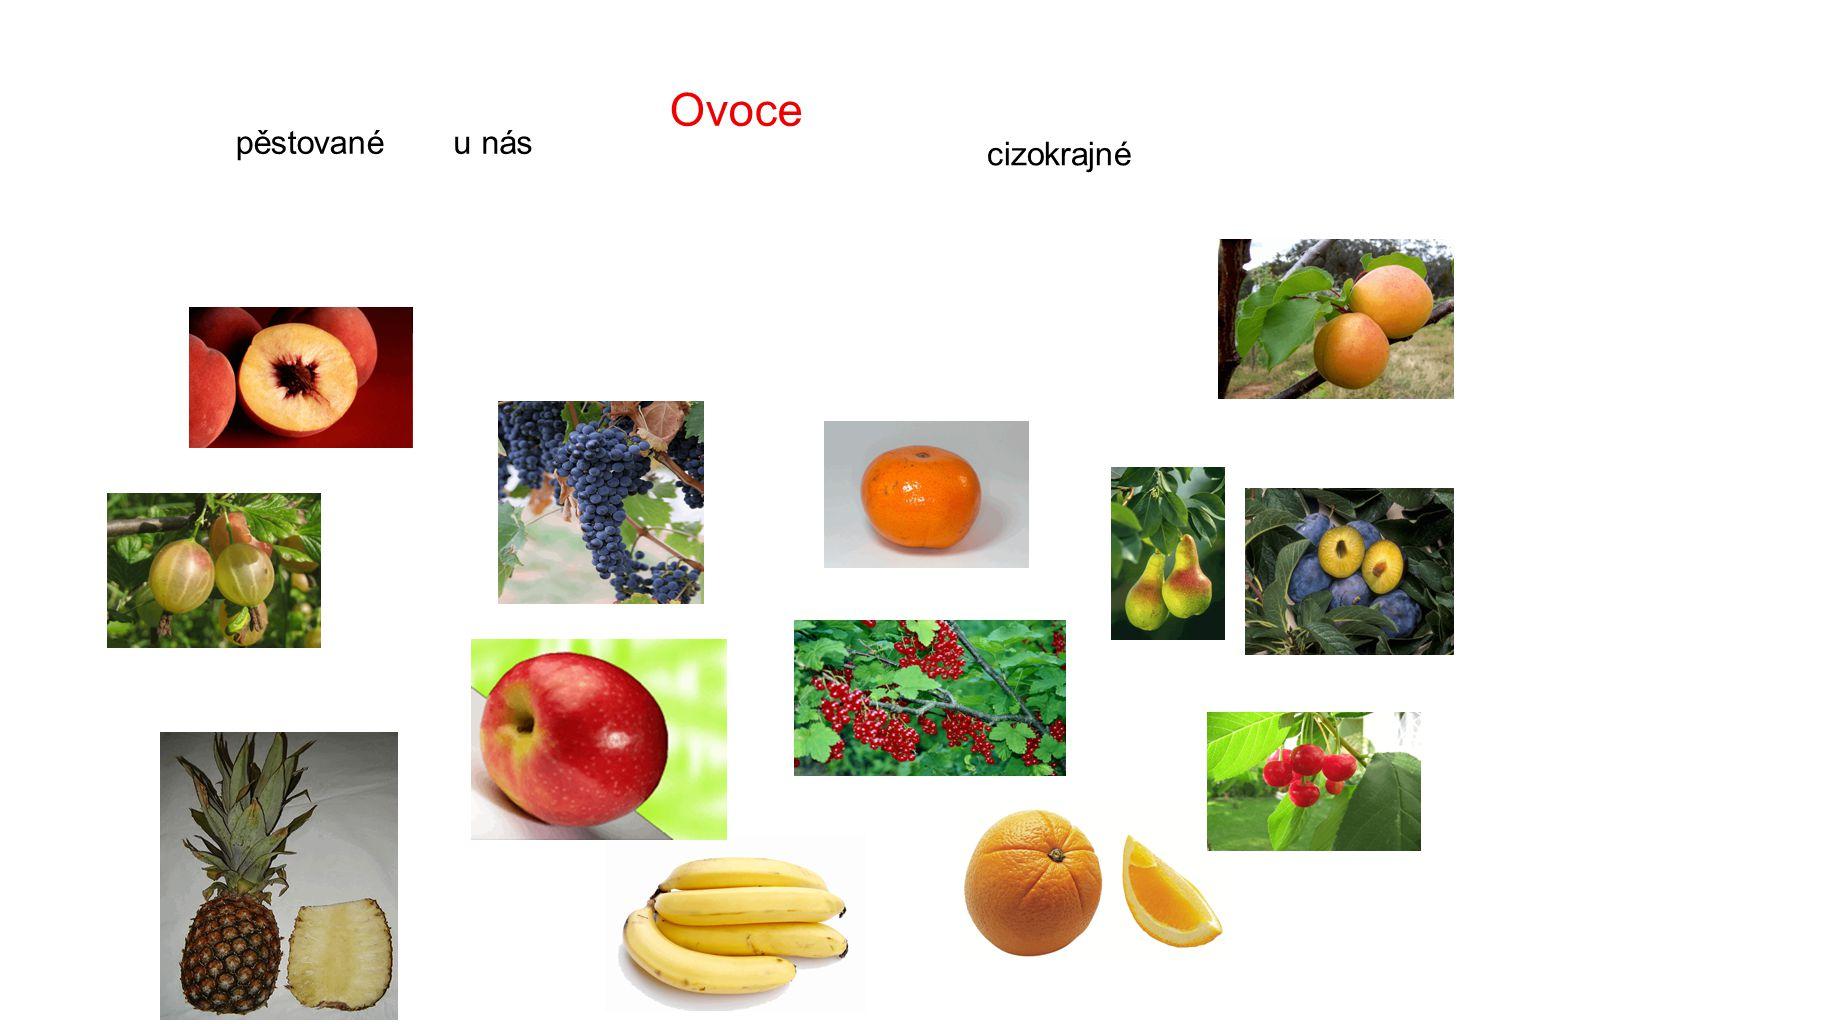 Ovoce pěstované cizokrajné u nás